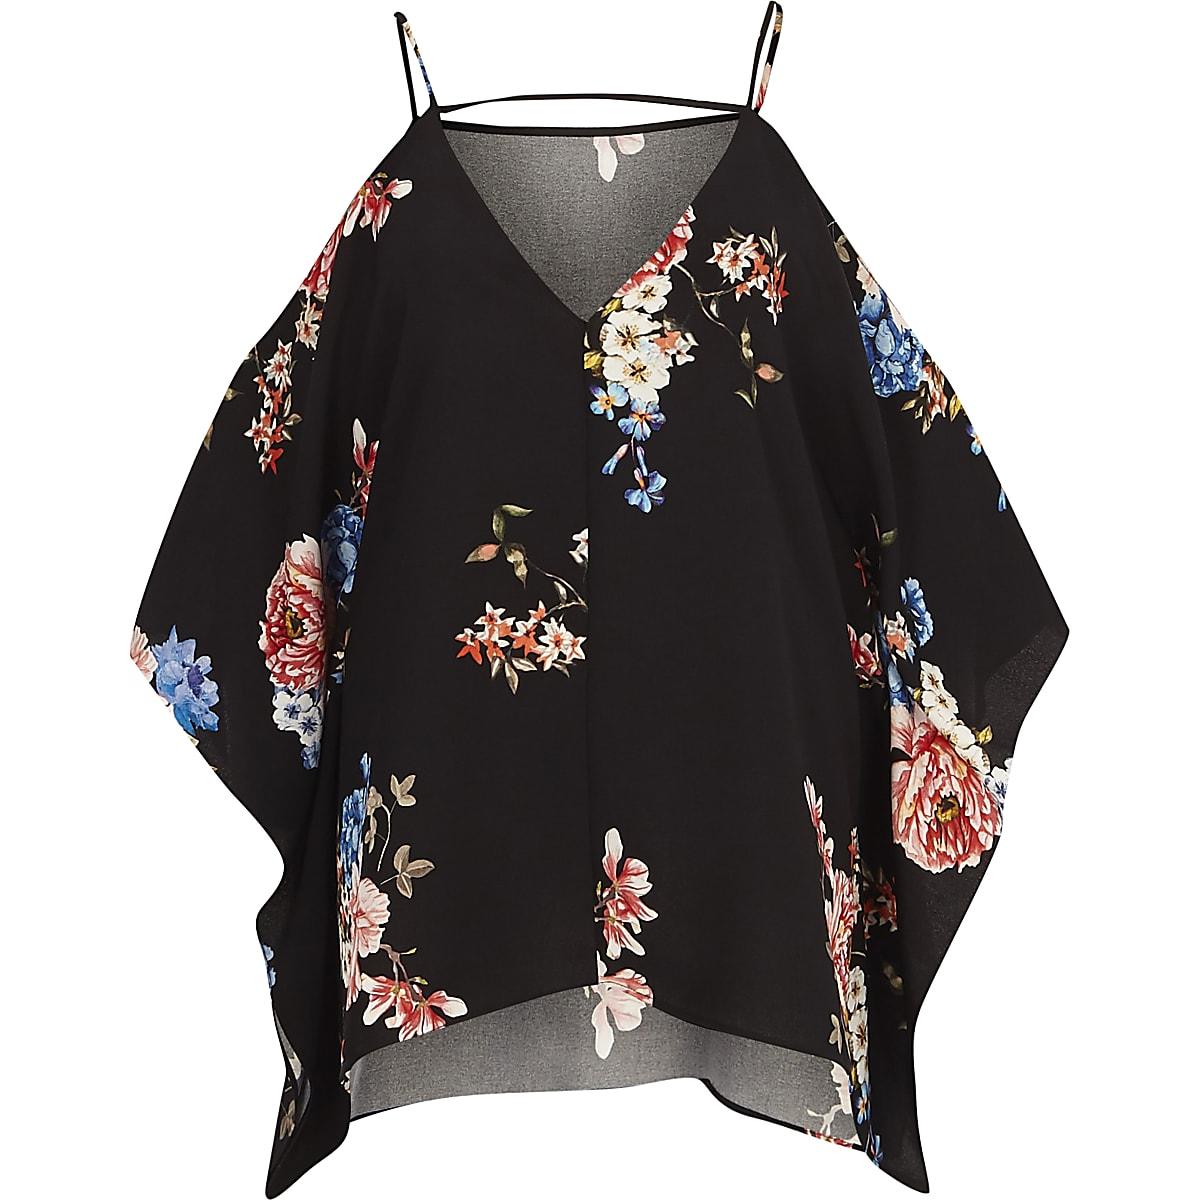 05097a7190910 Black floral cold shoulder cape sleeve top - Bardot   Cold Shoulder Tops -  Tops - women